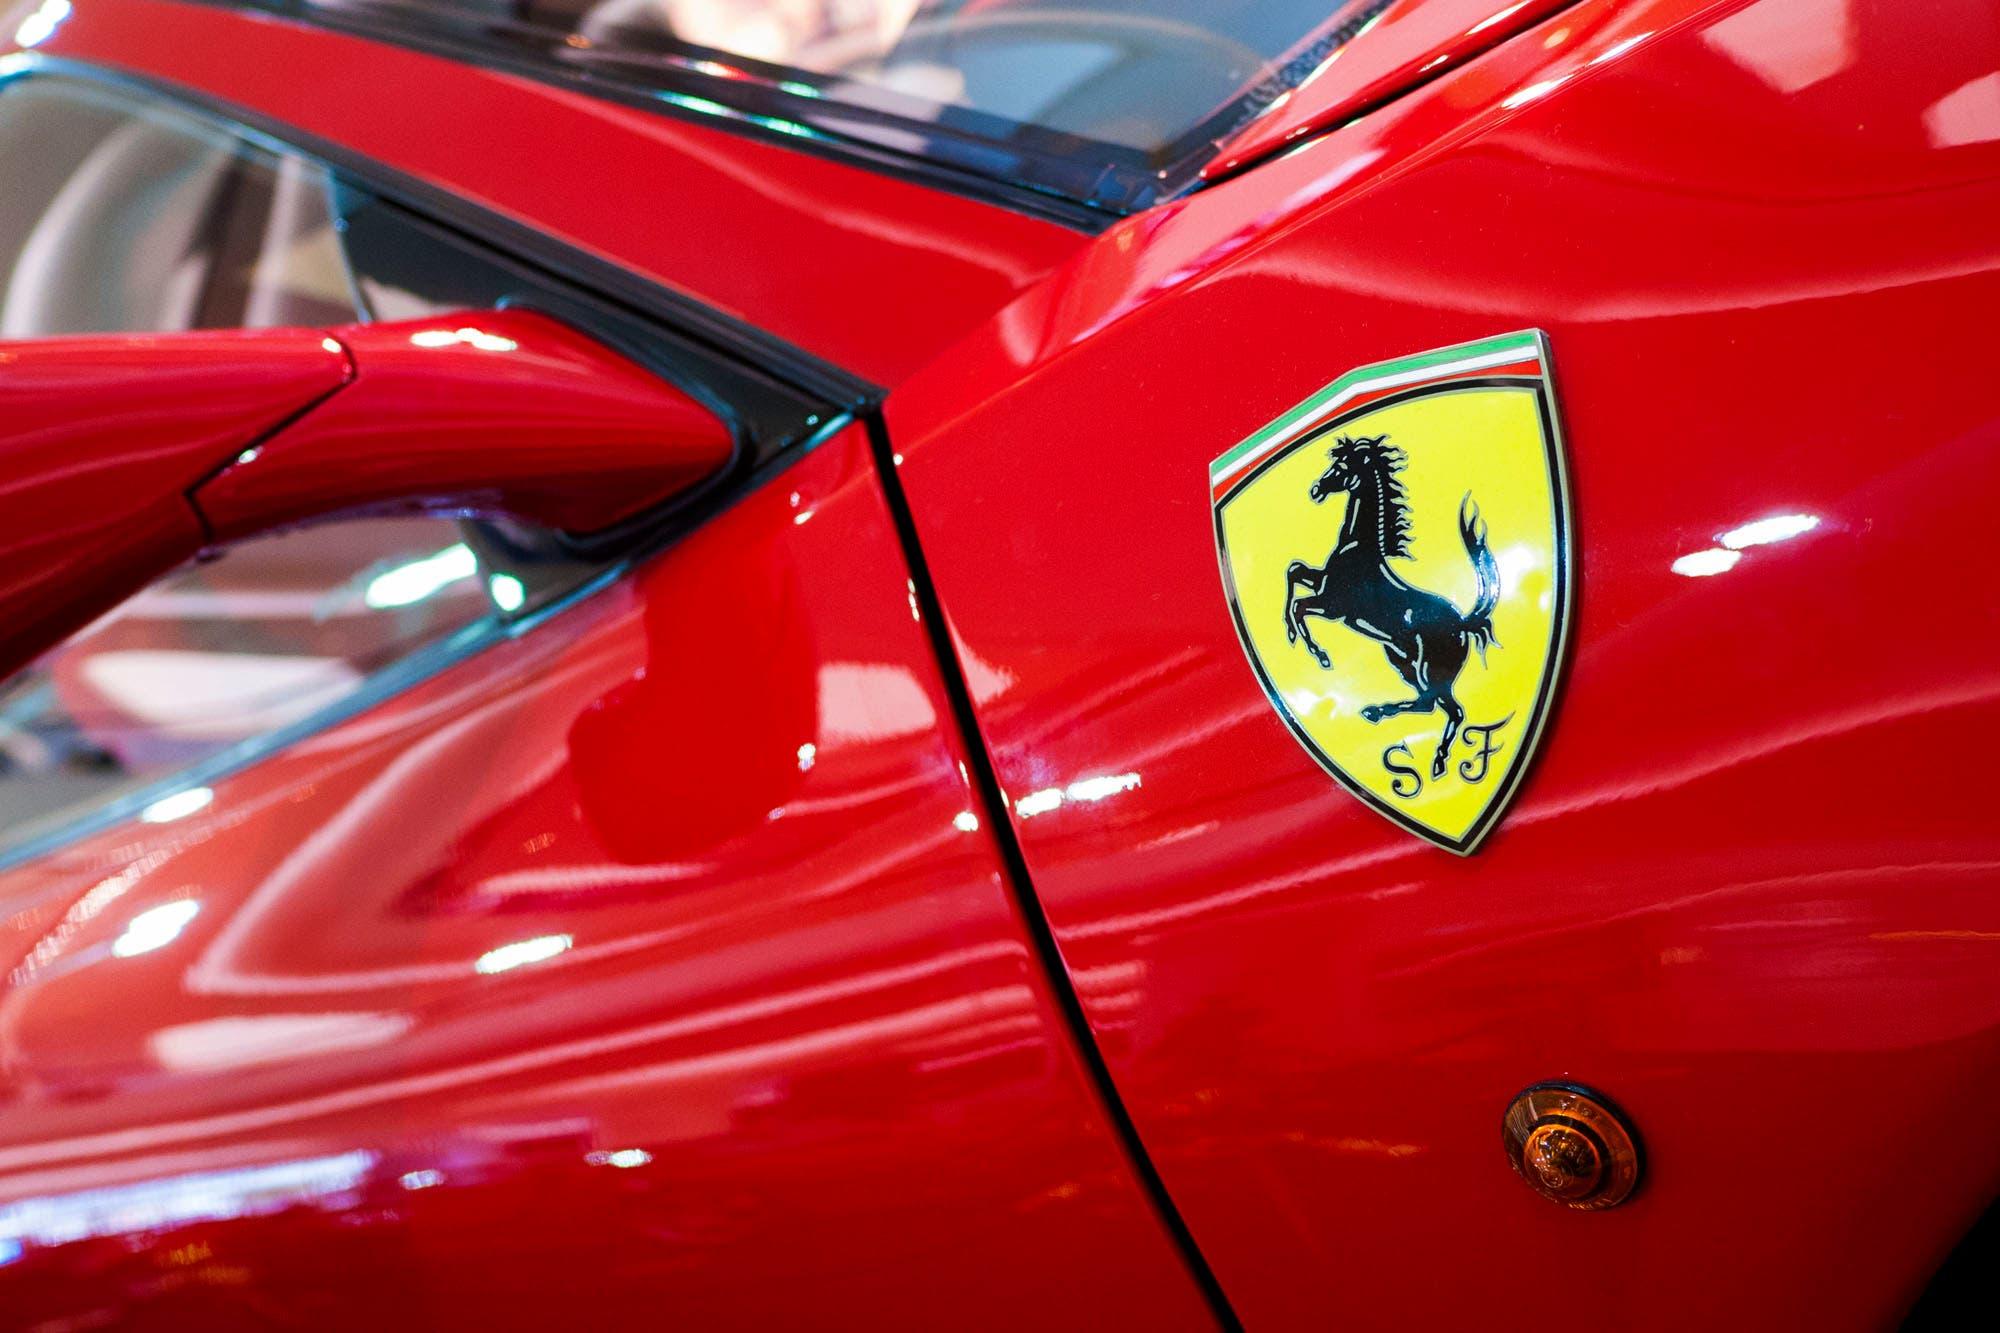 Lujo boliburgués: en plena debacle, Caracas tendrá su concesionaria Ferrari